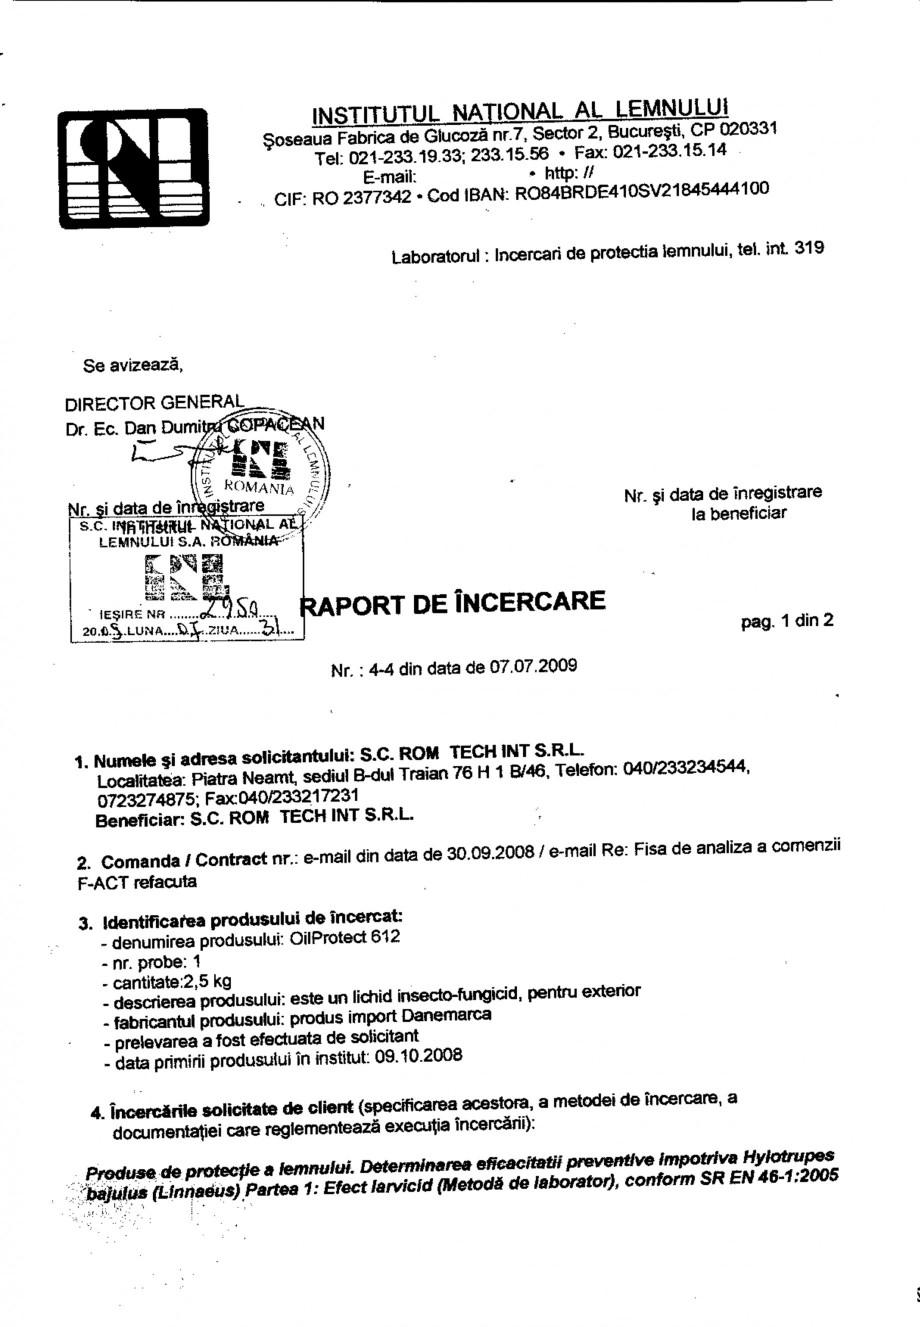 Pagina 1 - Tratament pentru lemn - Raport incercare impotriva Linnaeus conform SR EN 46-1-2005...